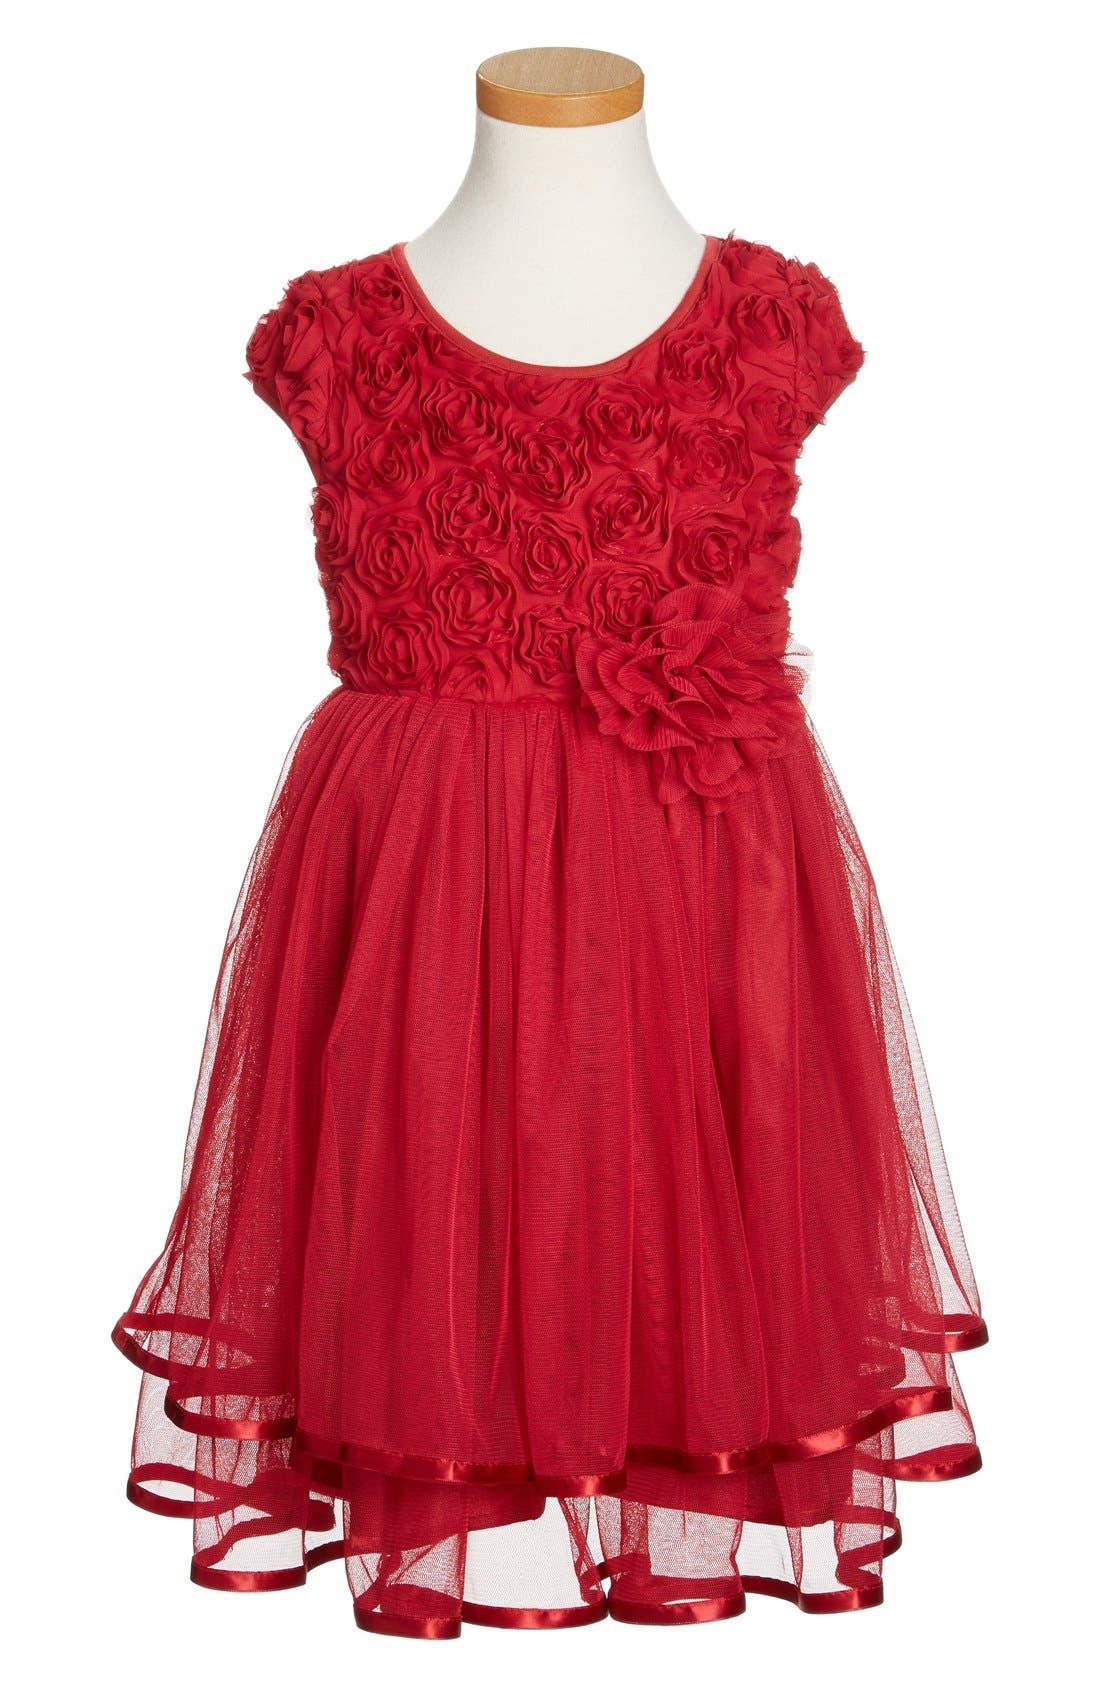 Popatu Ribbon Rosette Tulle Dress (Toddler Girls, Little Girls & Big Girls)